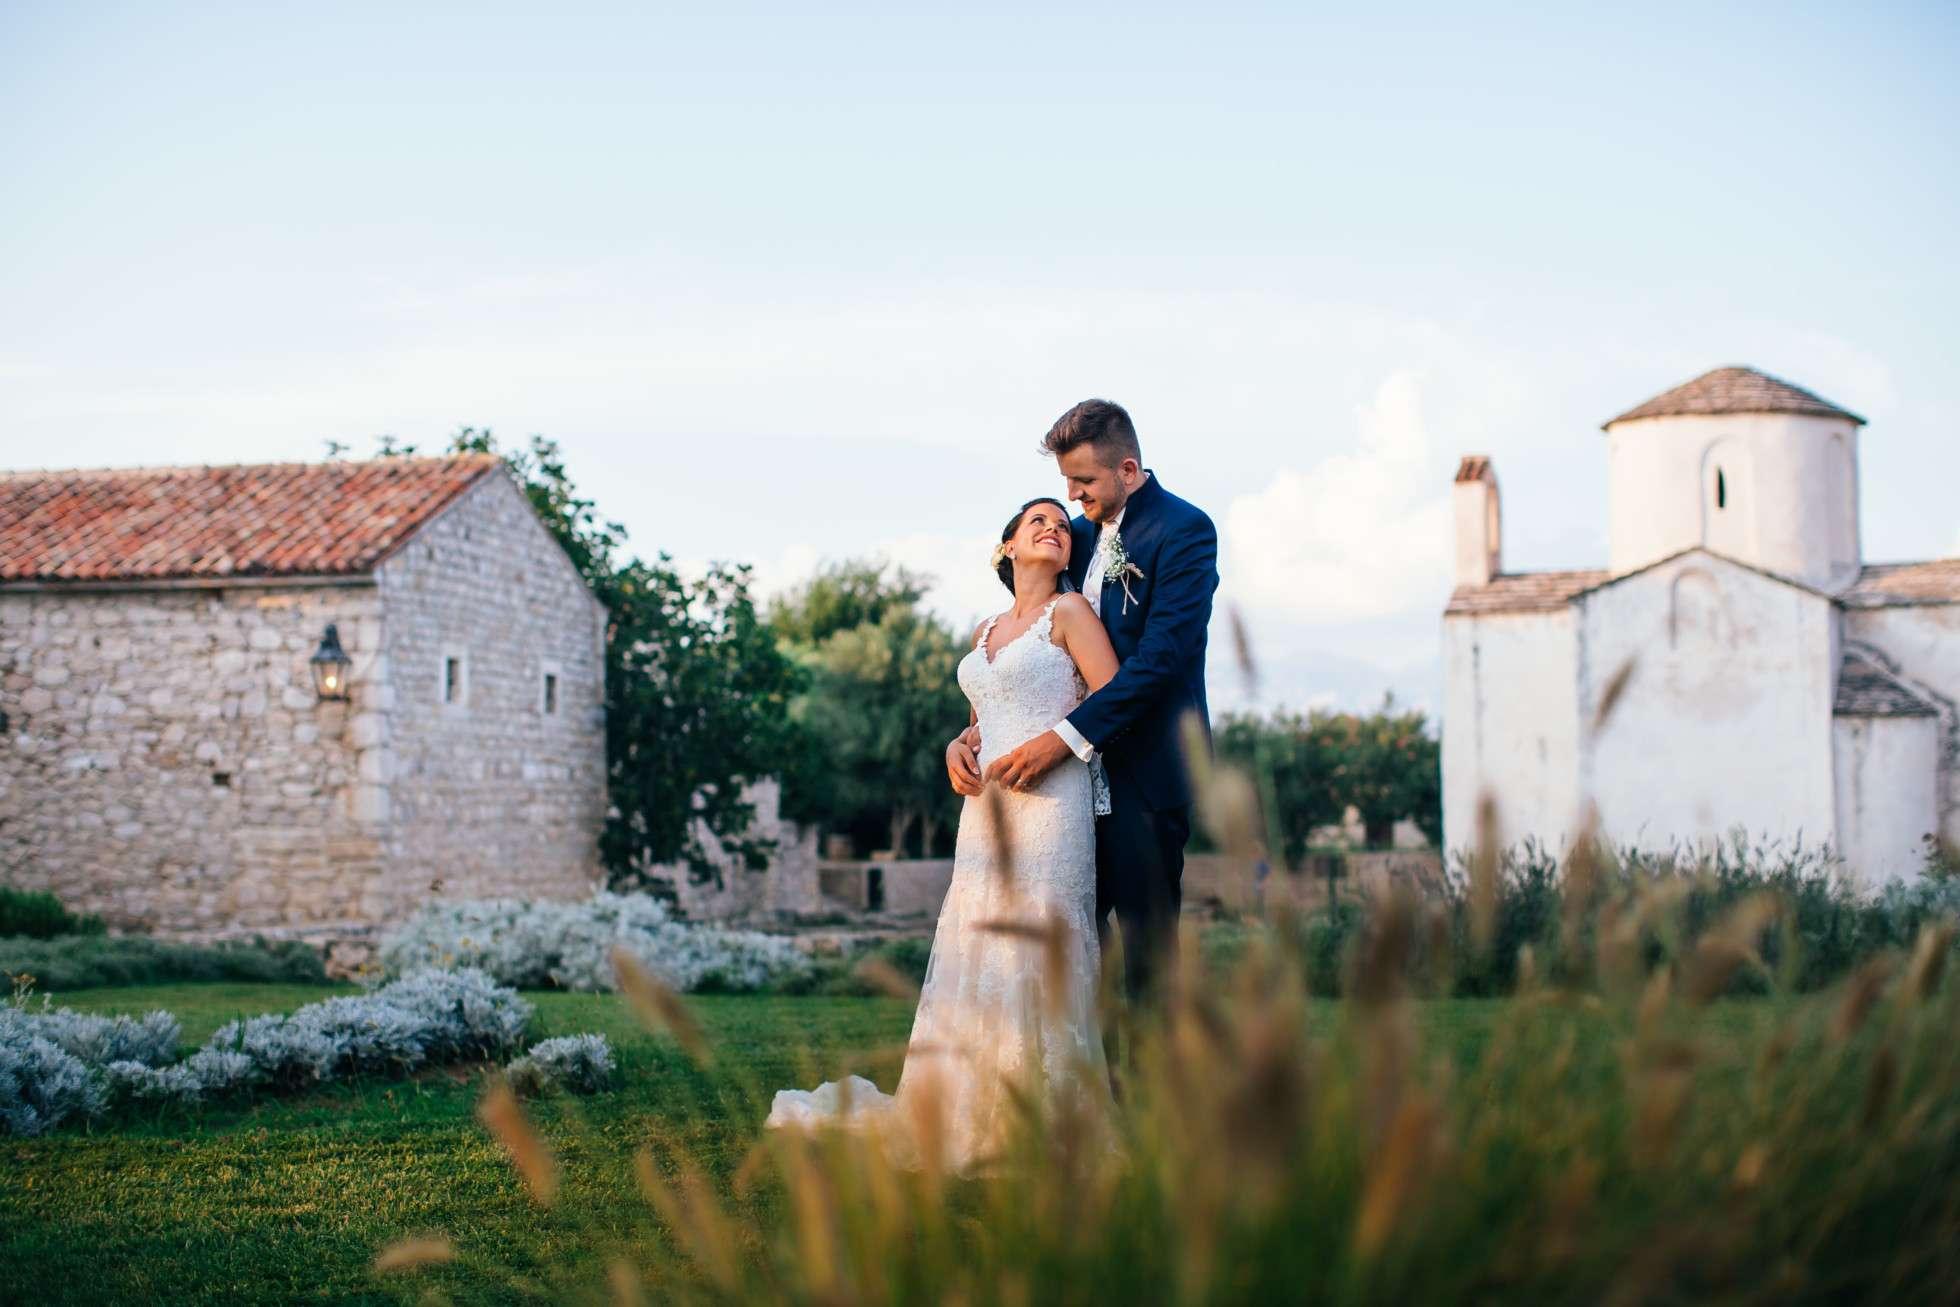 marrytale, wedding in zadar, wedding in nin, wedding in croatia, wedding planner nin, wedding planner croatia, heiraten in kroatien, hochzeit in kroatien, hochzeitsplaner kroatien, hochzeitsplaner zadar, hochzeitsplaner nin, brautpaar, brautpaar shooting, bridal shooting, hochzeitskleid